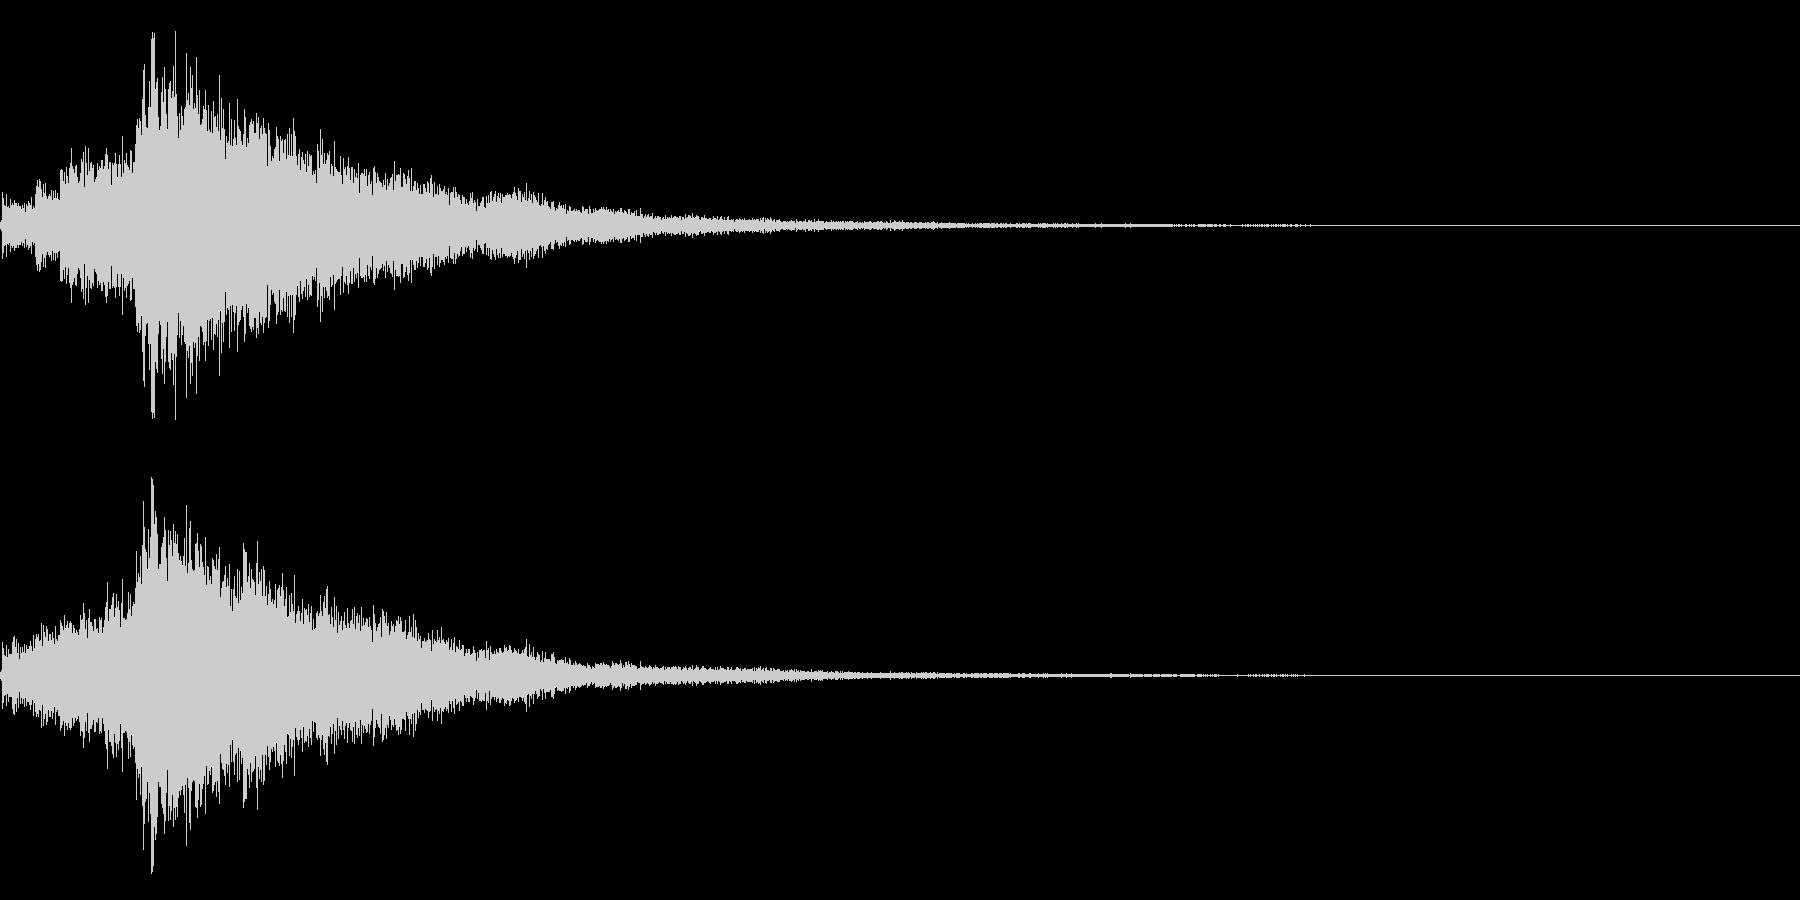 琴と刀の【シャキーン!】和風ロゴ 12の未再生の波形